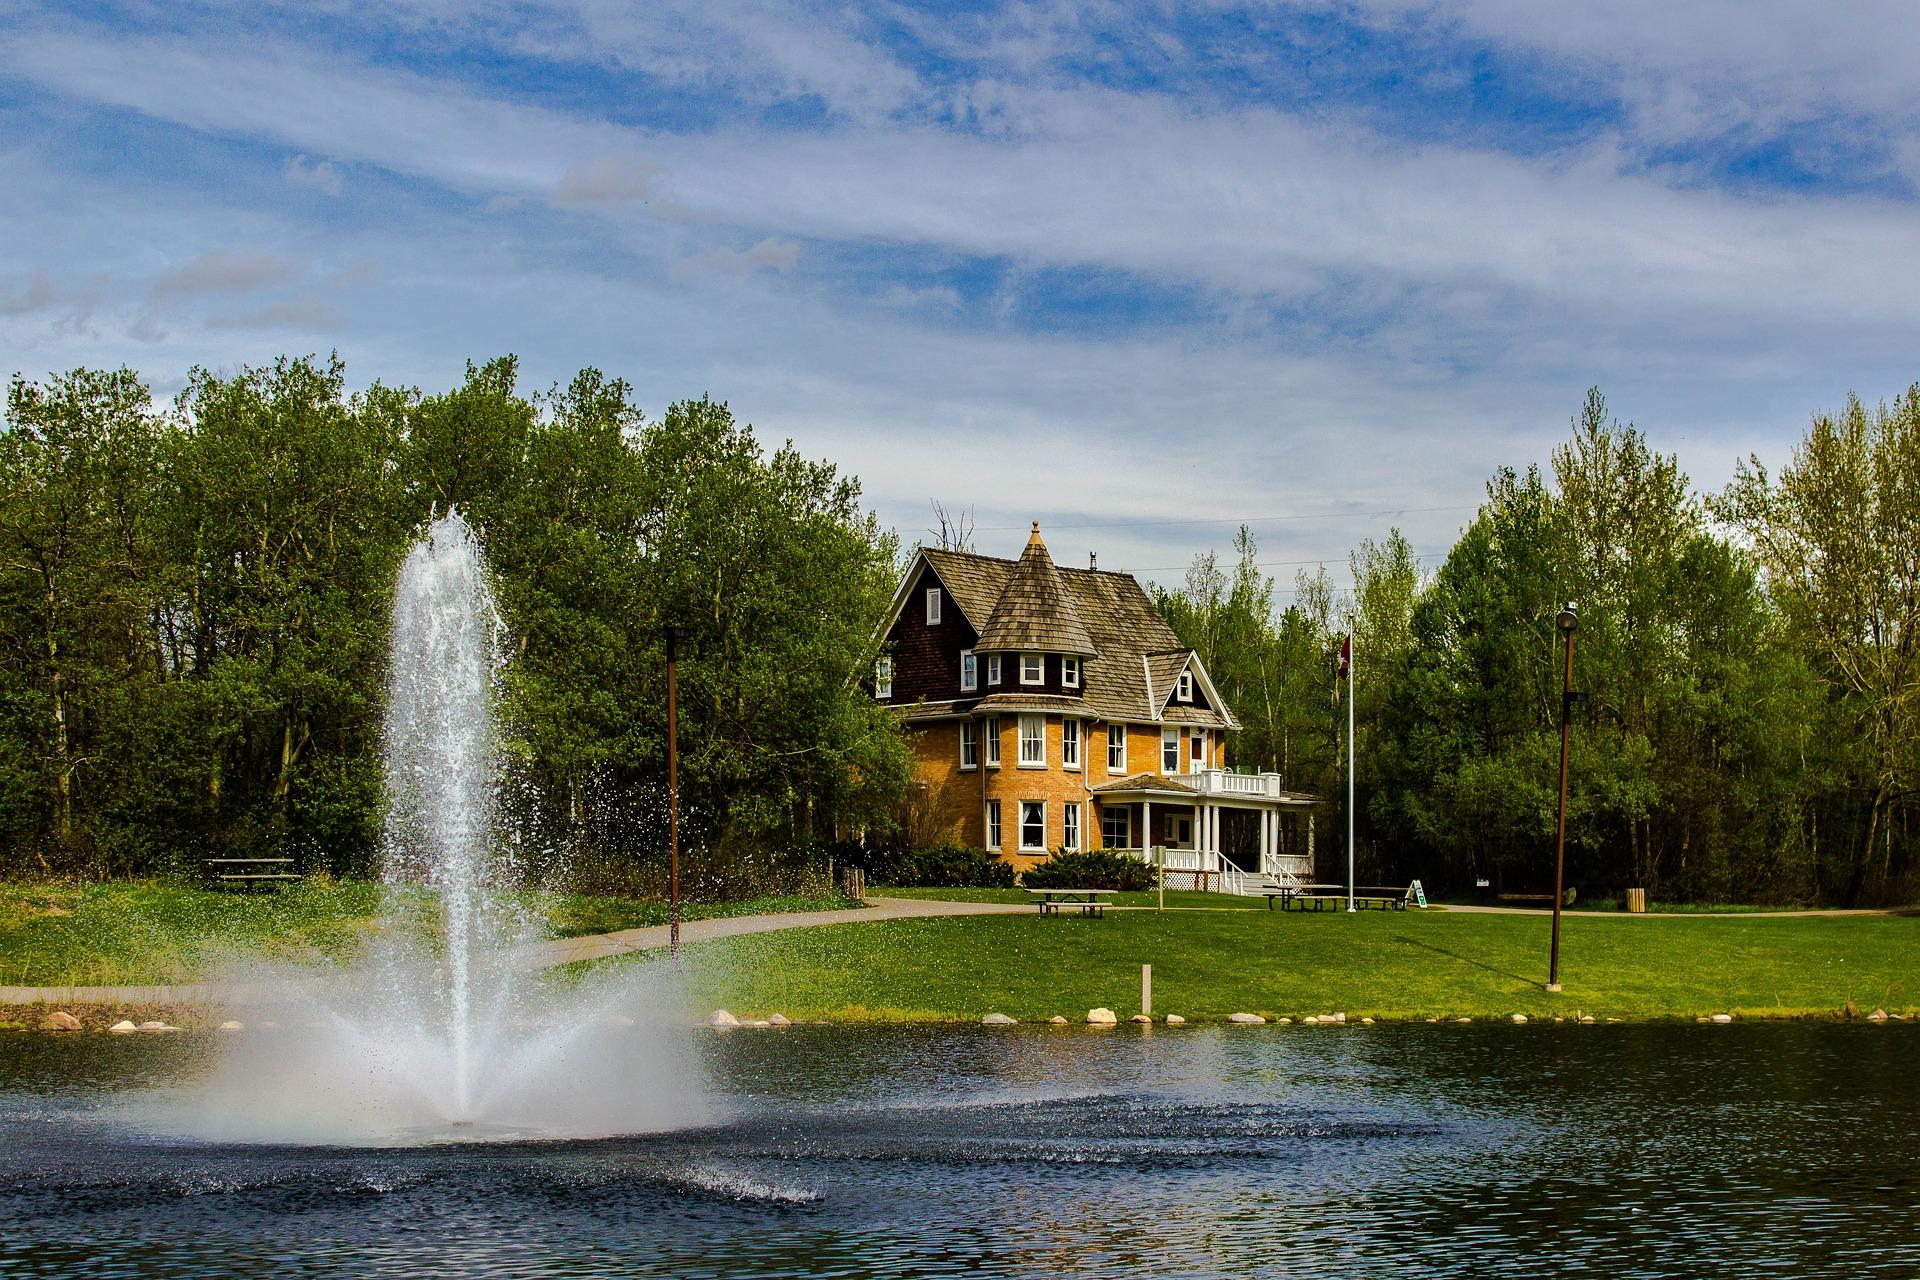 ISF immobilier : Contribuables Associés l'estiment contre-productif